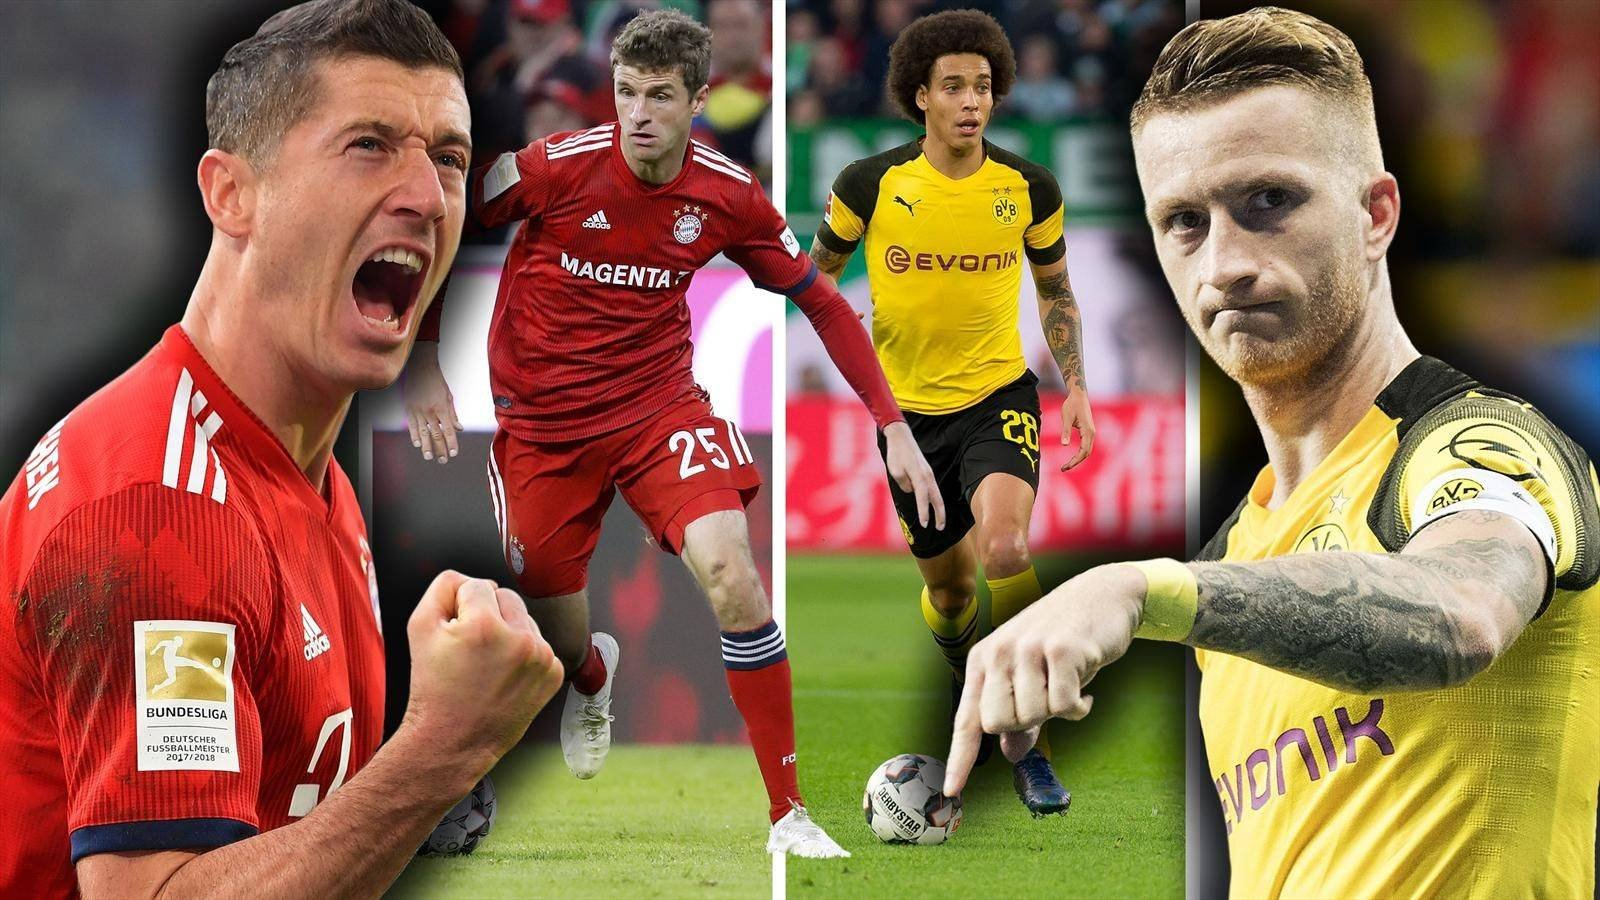 نتيجة مباراة بايرن ميونخ وبوروسيا دورتموند بتاريخ 03-08-2019 كأس السوبر الألماني